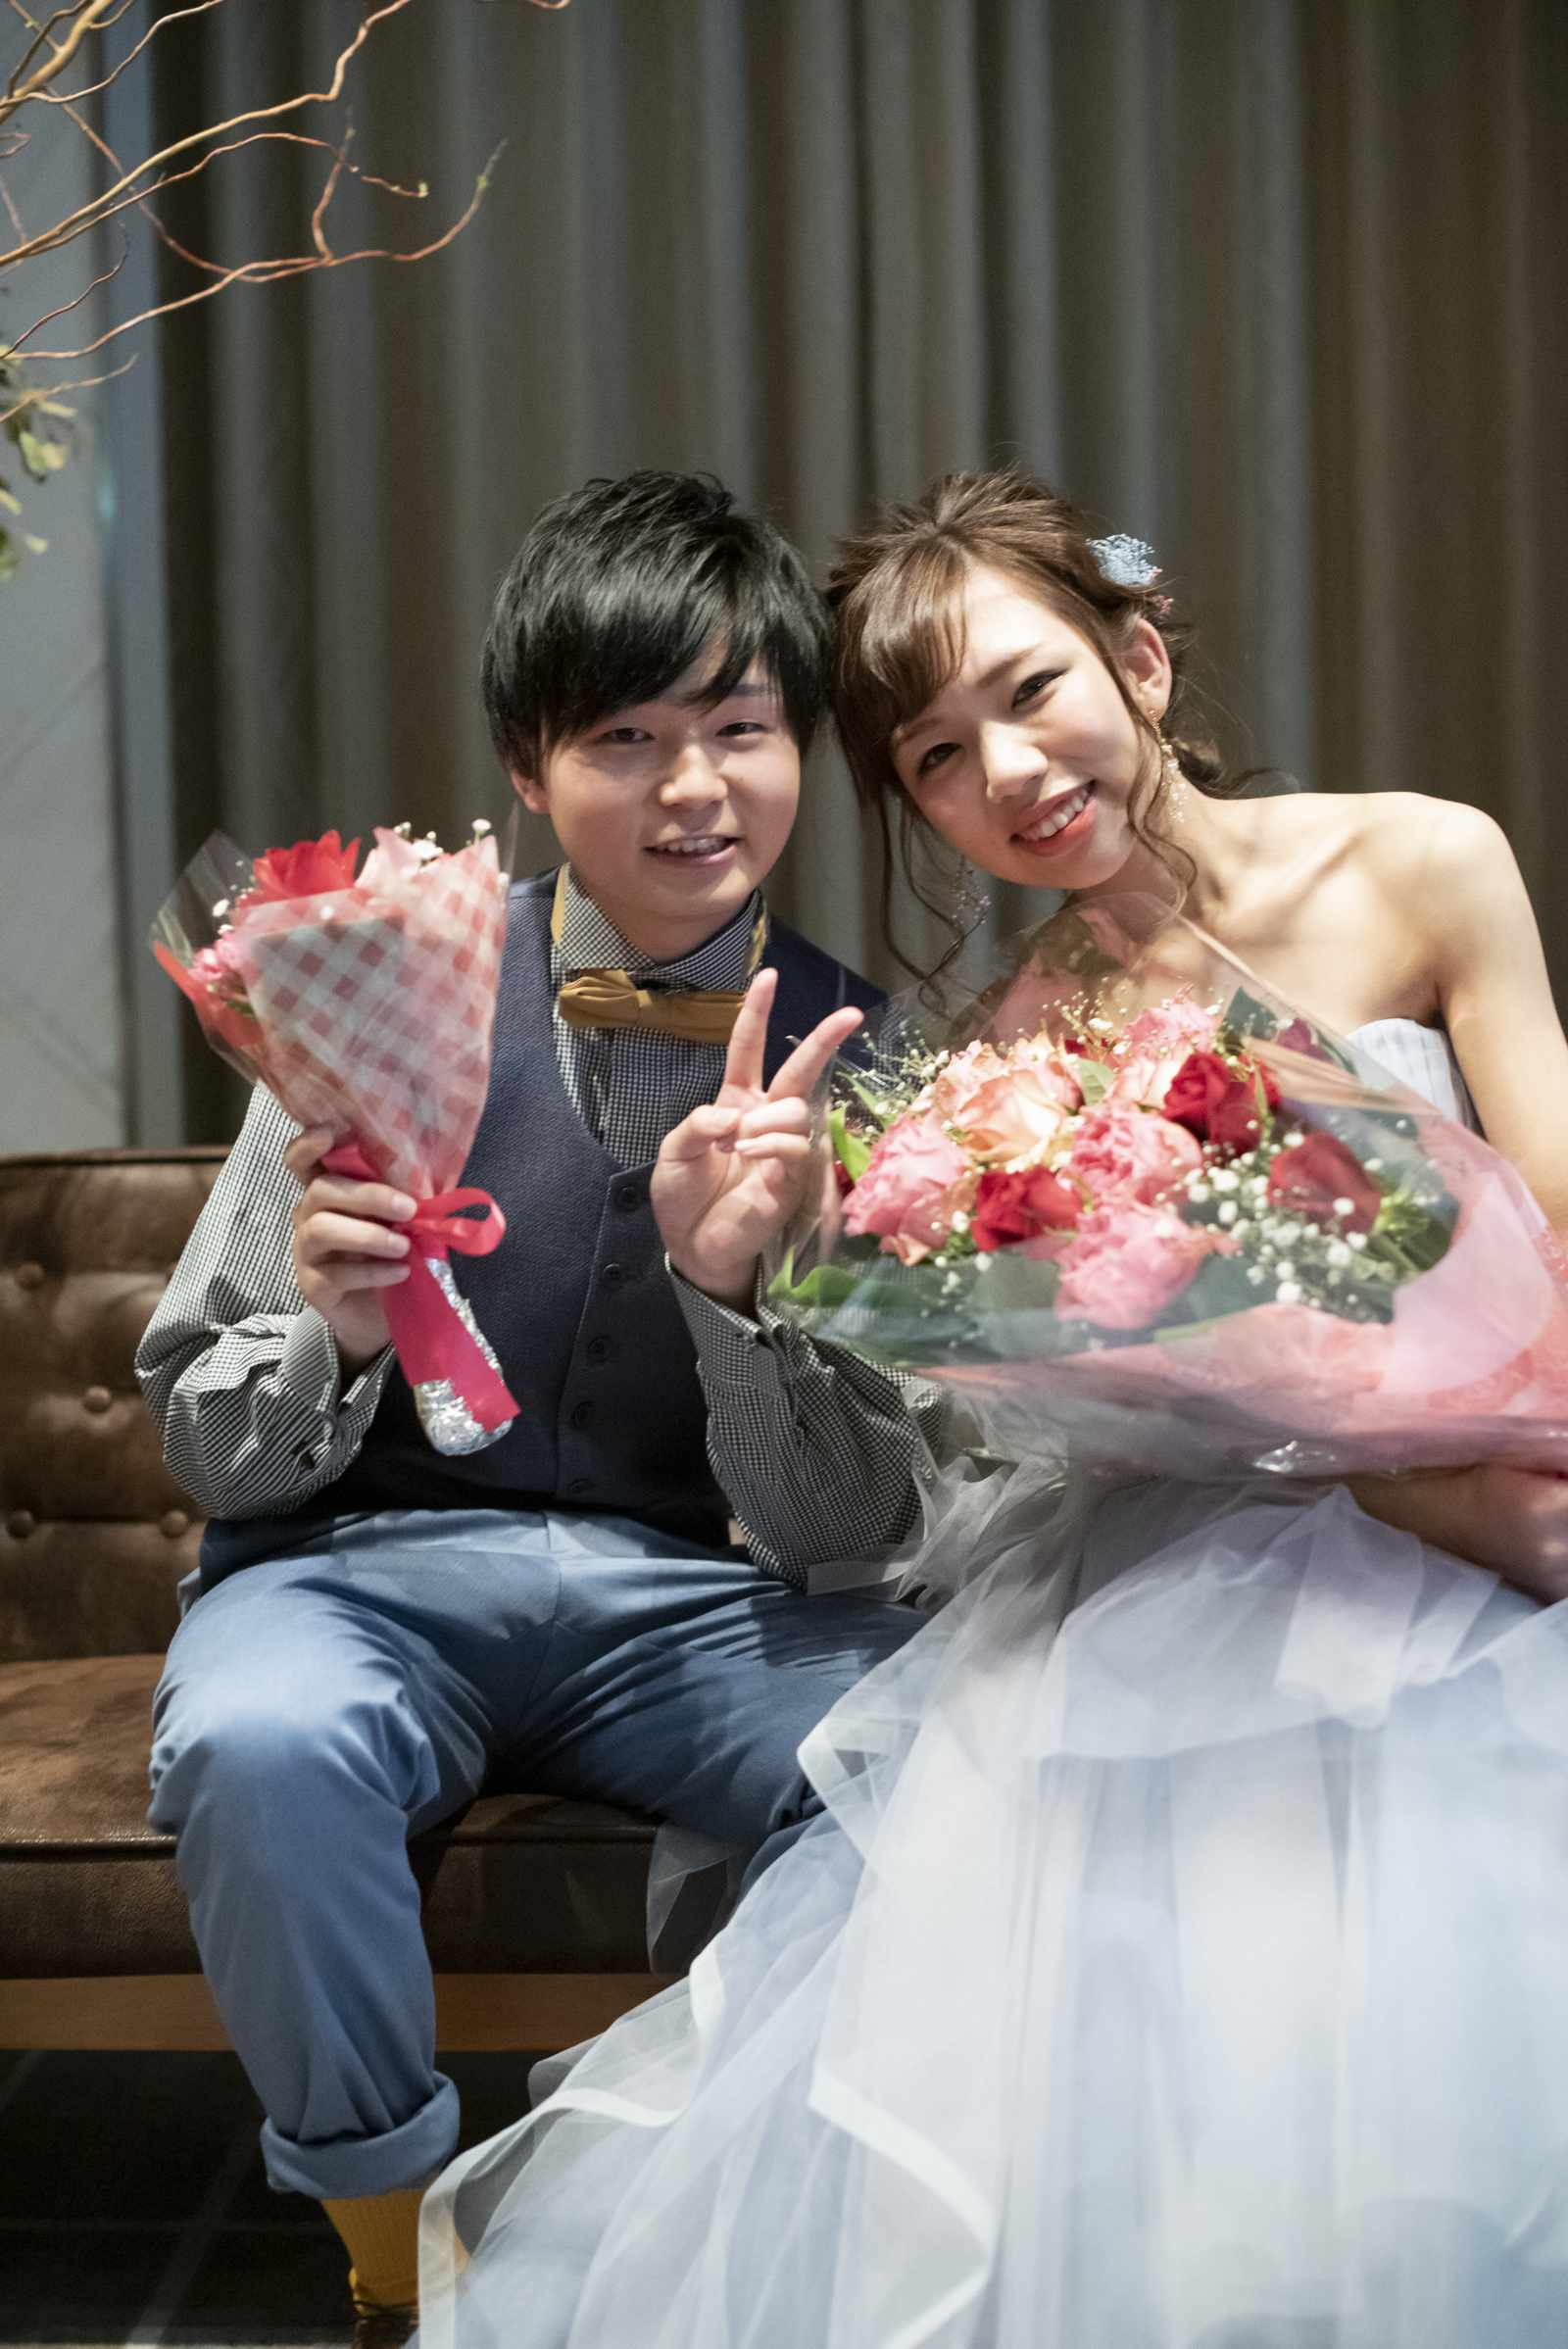 徳島市の結婚式場ブランアンジュでお互いに感謝の気持ちを伝えたサプライズセレモニー